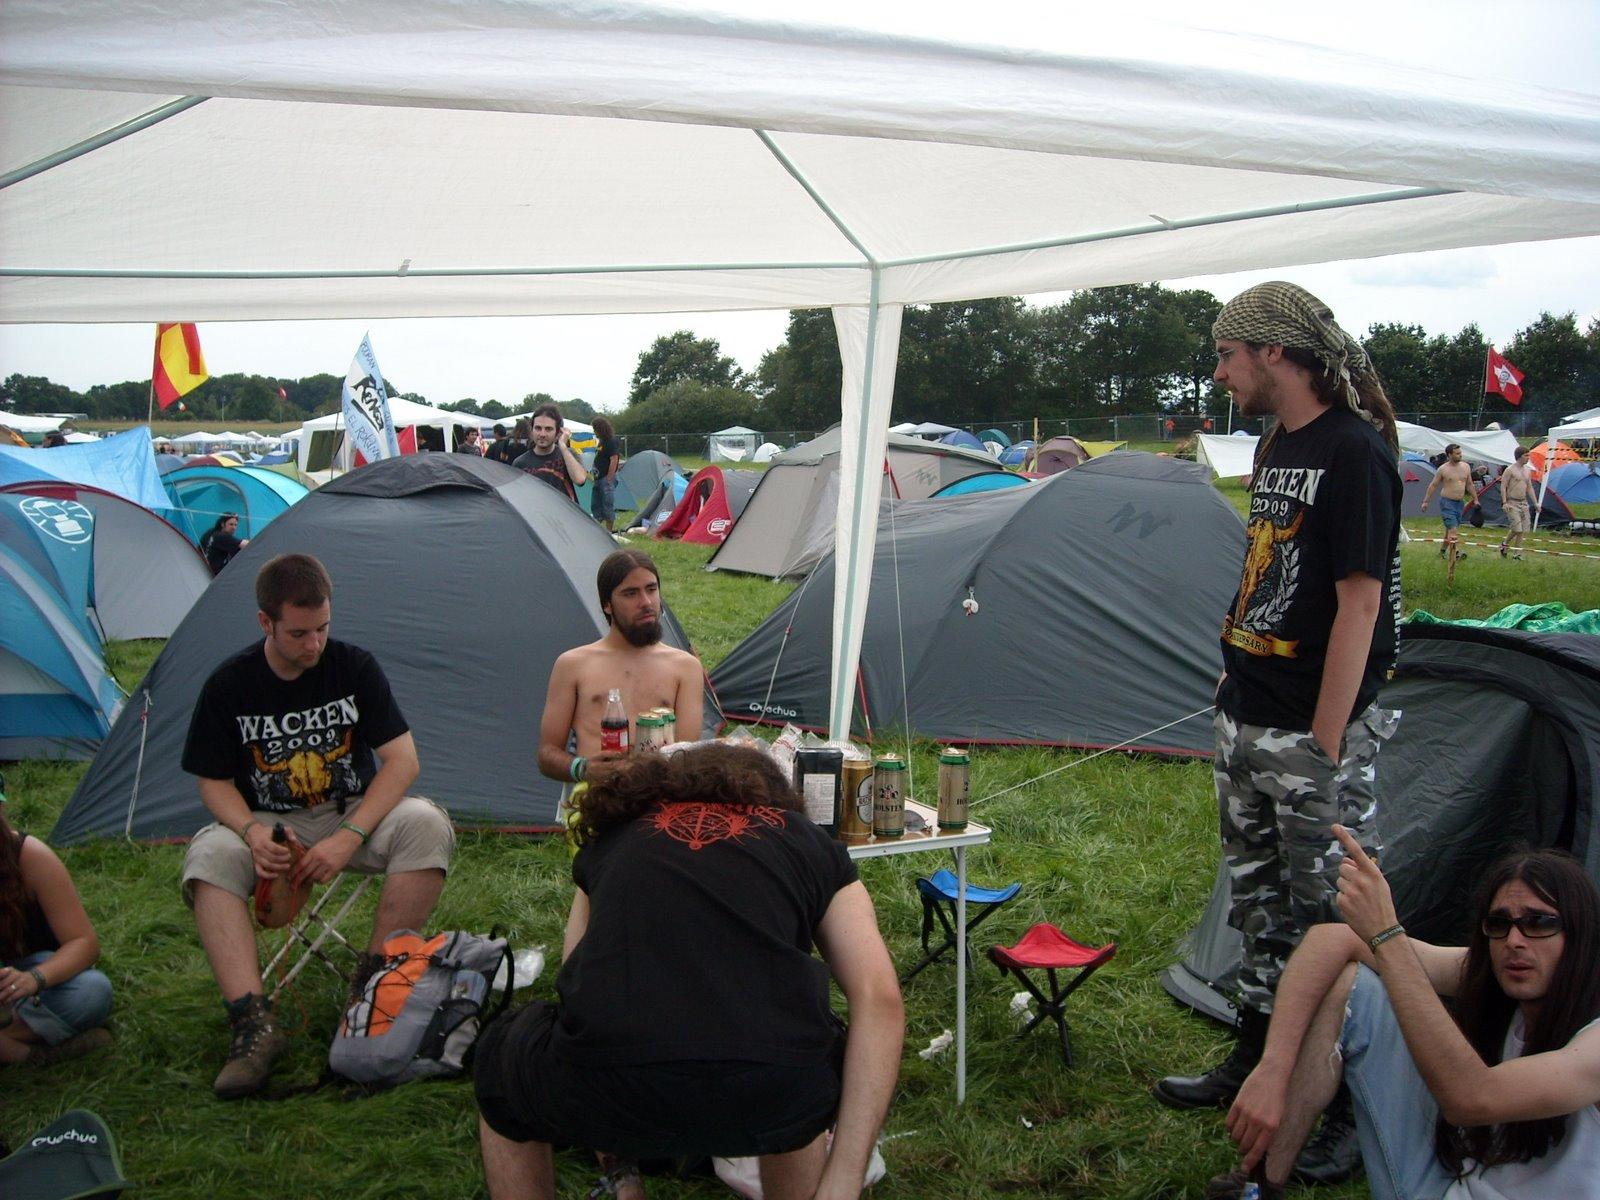 Resultado de imagen para wacken camping